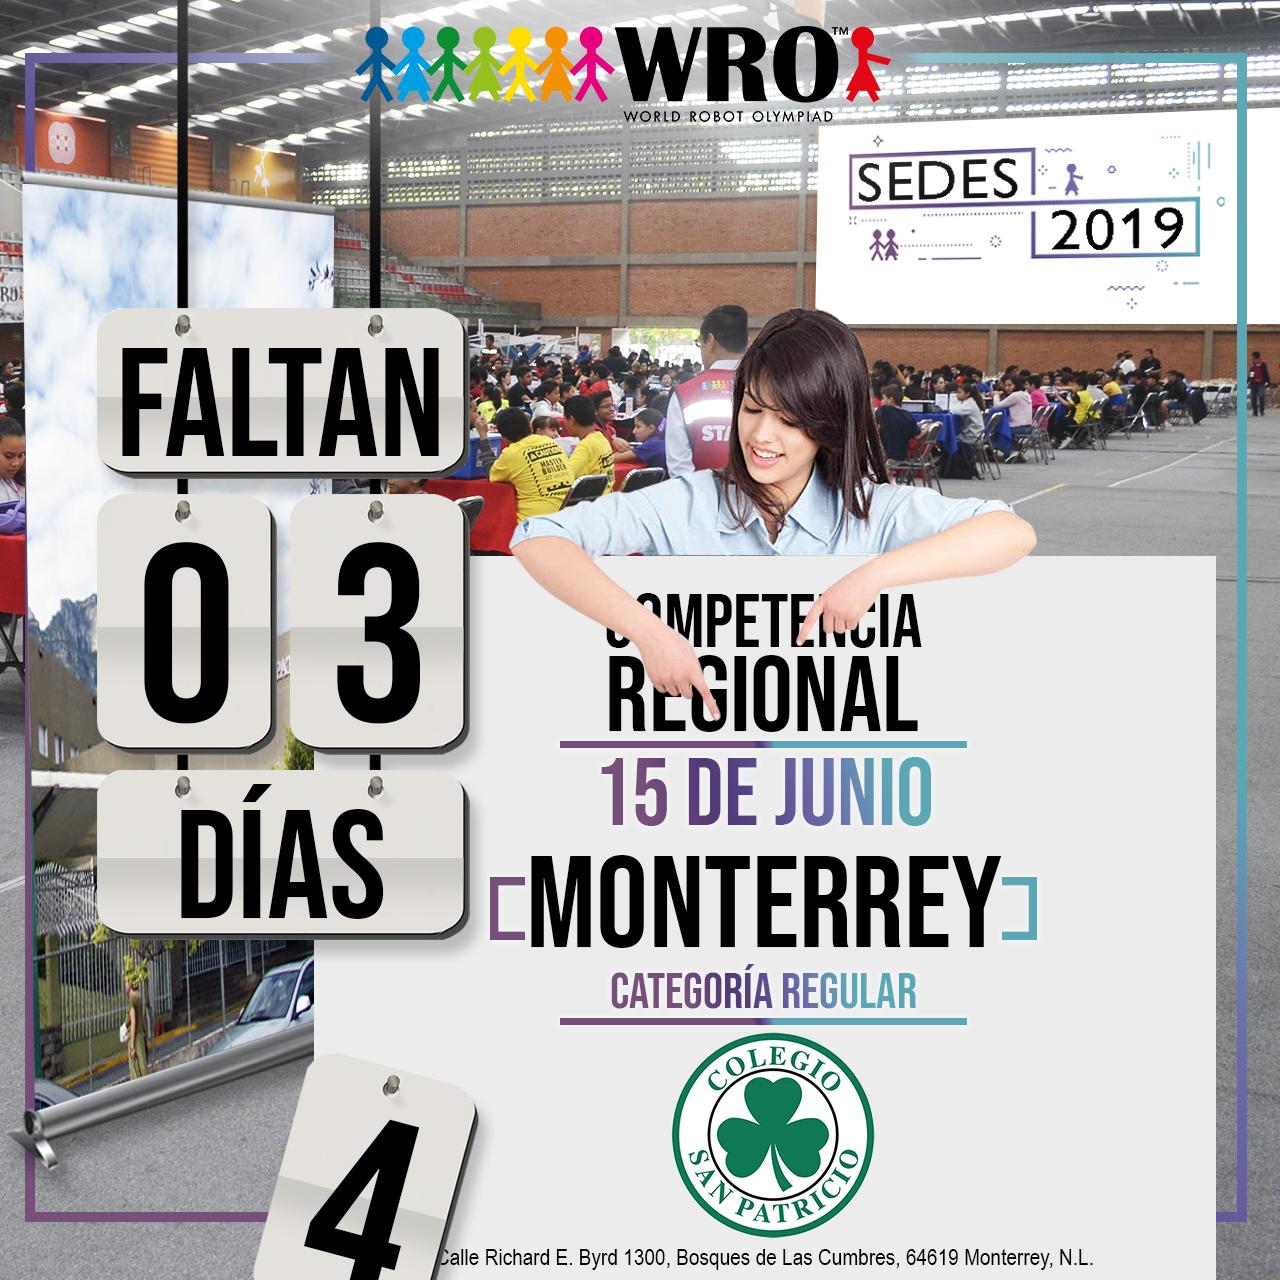 WRO México | Faltan 3 días Sede Monterrey